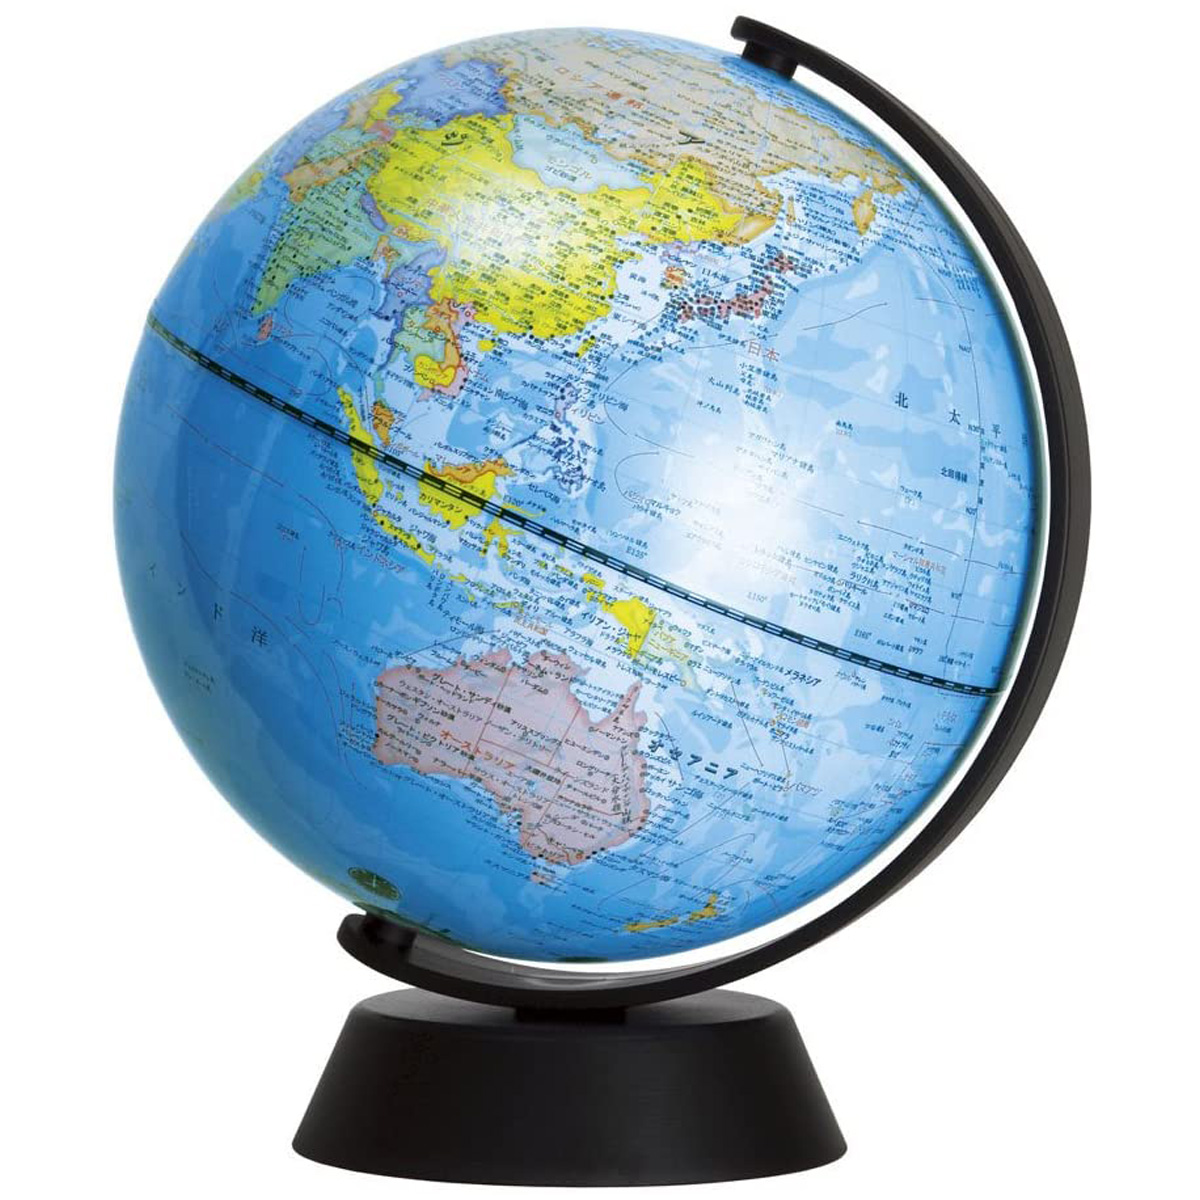 地球儀 球径20cm グローバ地球儀20 子供用 インテリア 学習 入学祝い コンパクト 軽い 小さい 卓上 デビカ